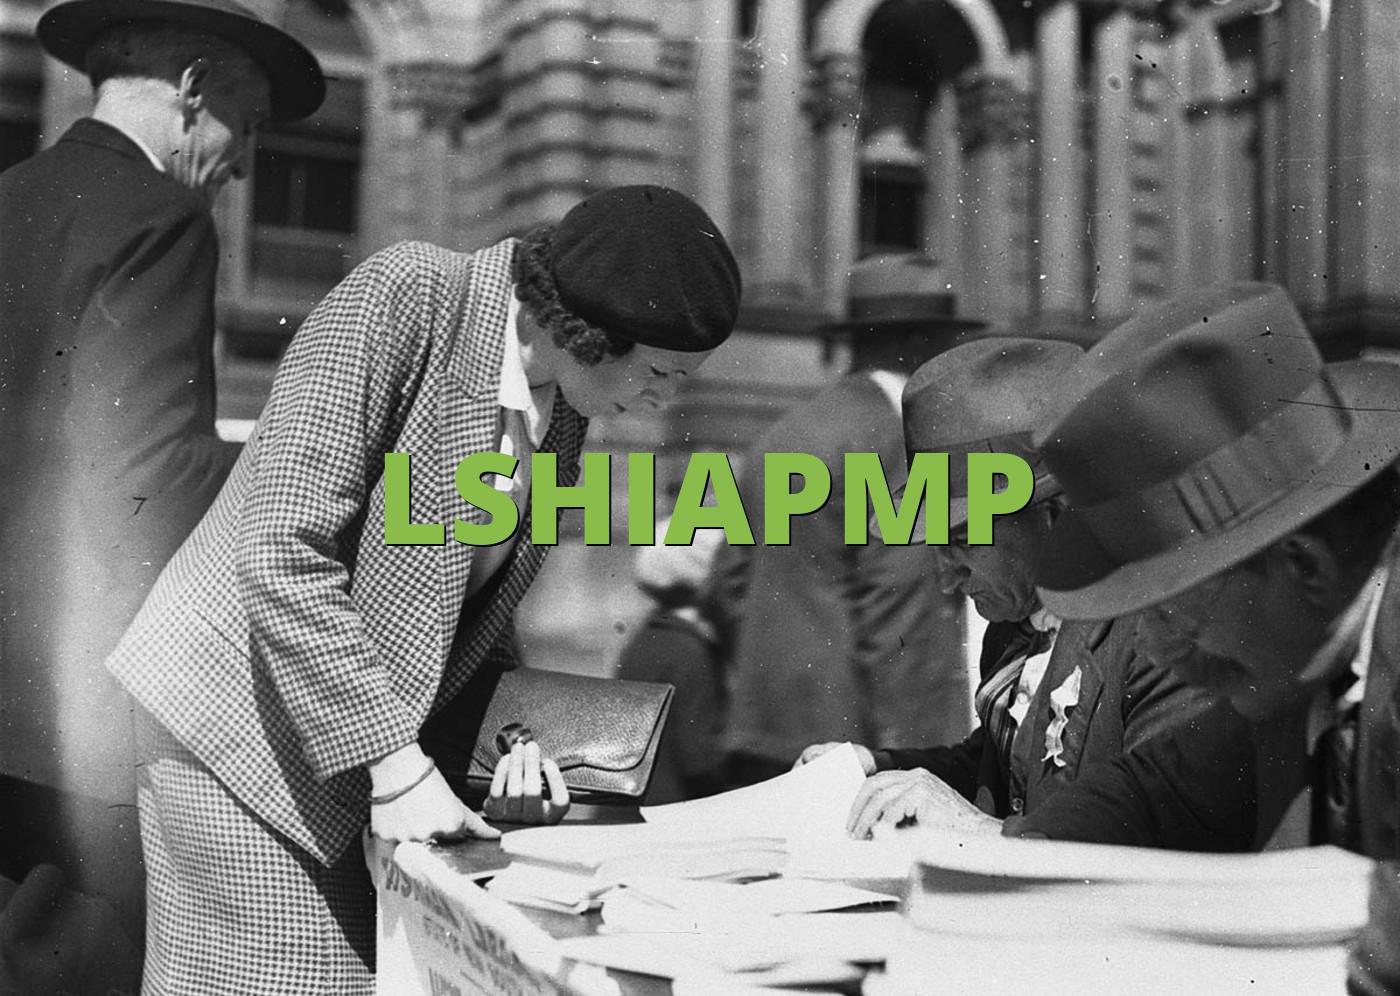 LSHIAPMP